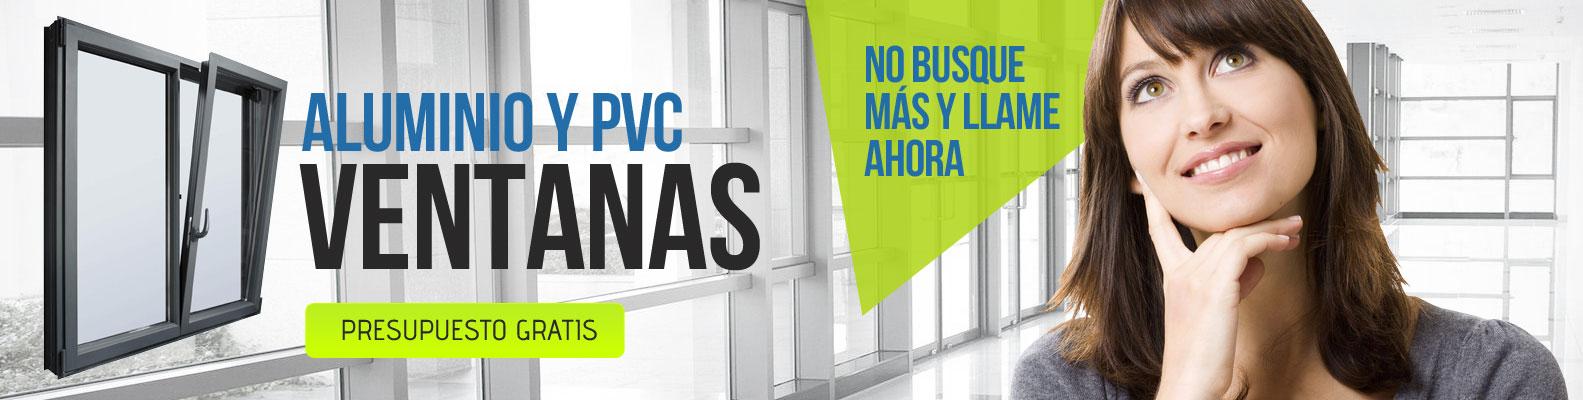 Ventanas de aluminio y pvc en Sevilla